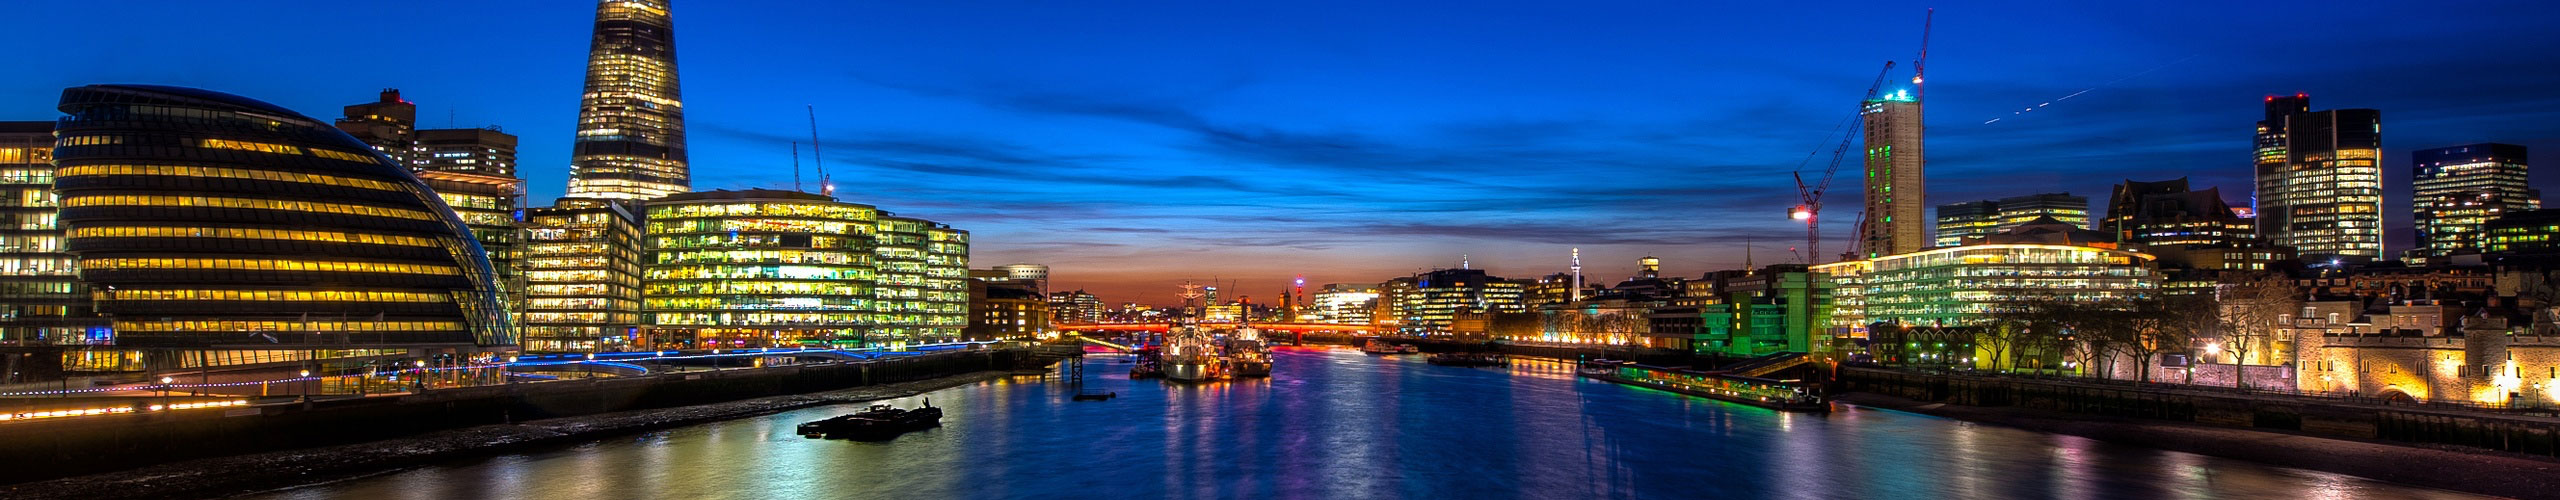 london-skyline-500